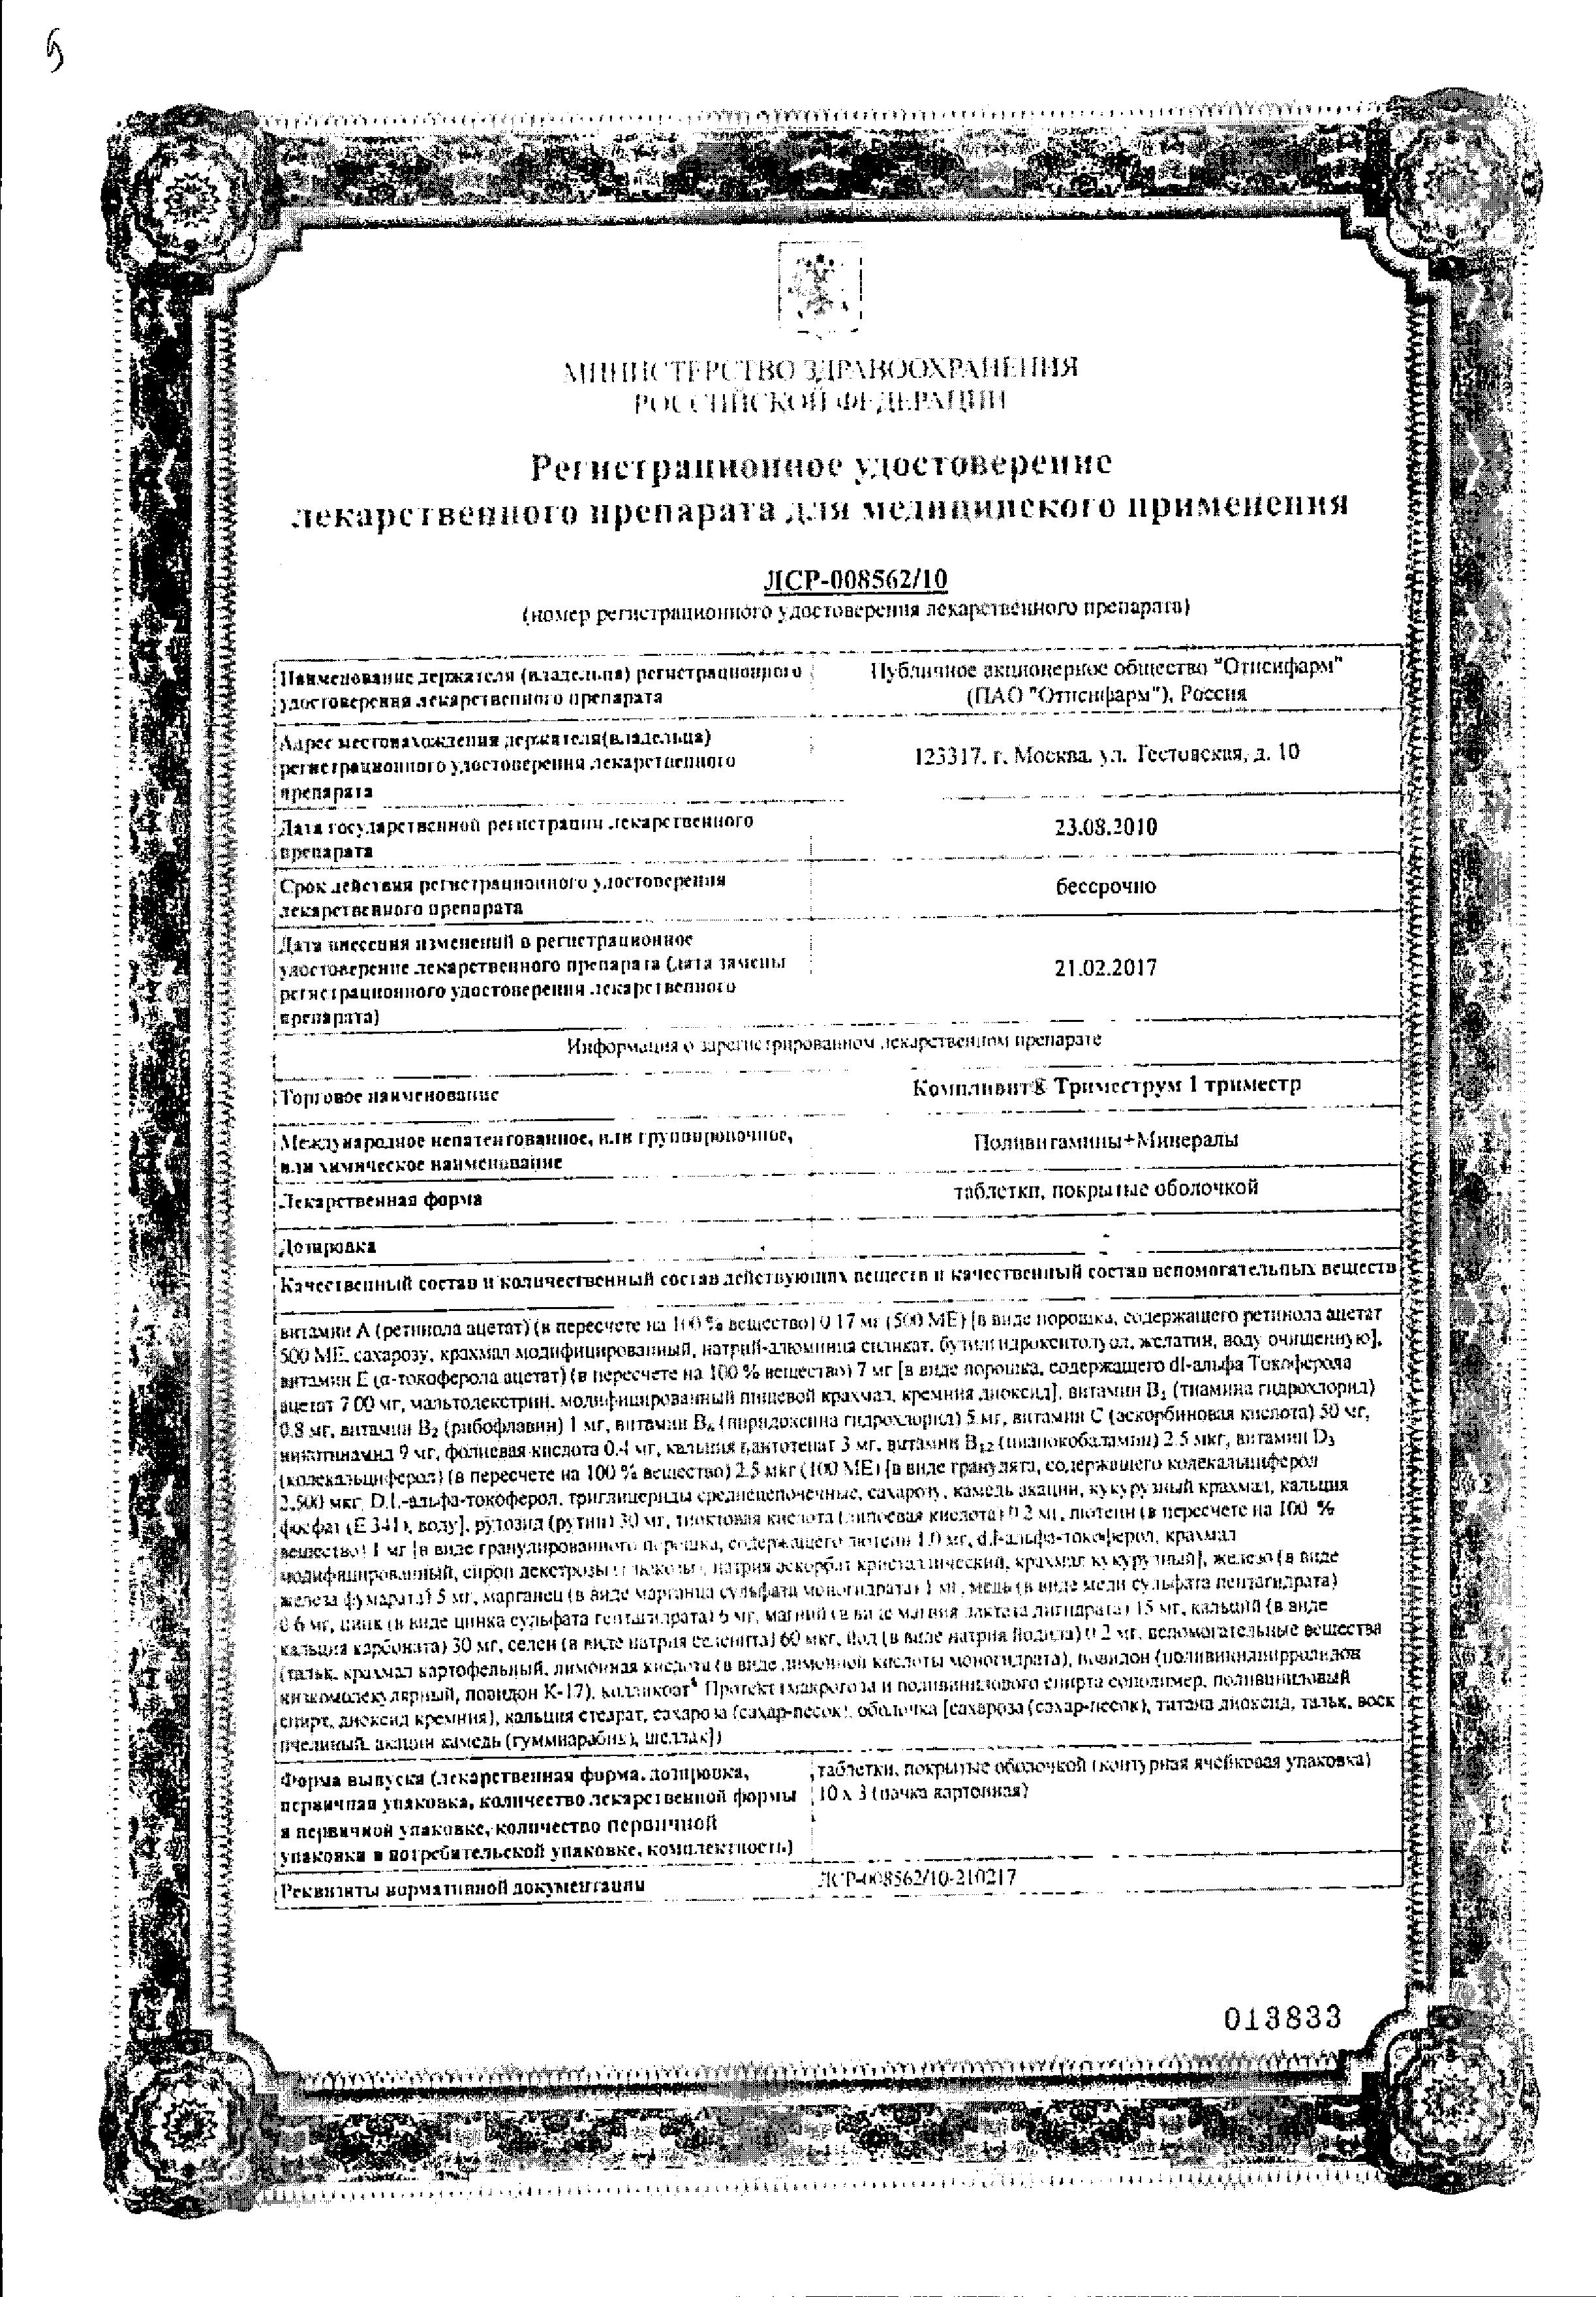 Компливит Триместрум 1 триместр сертификат